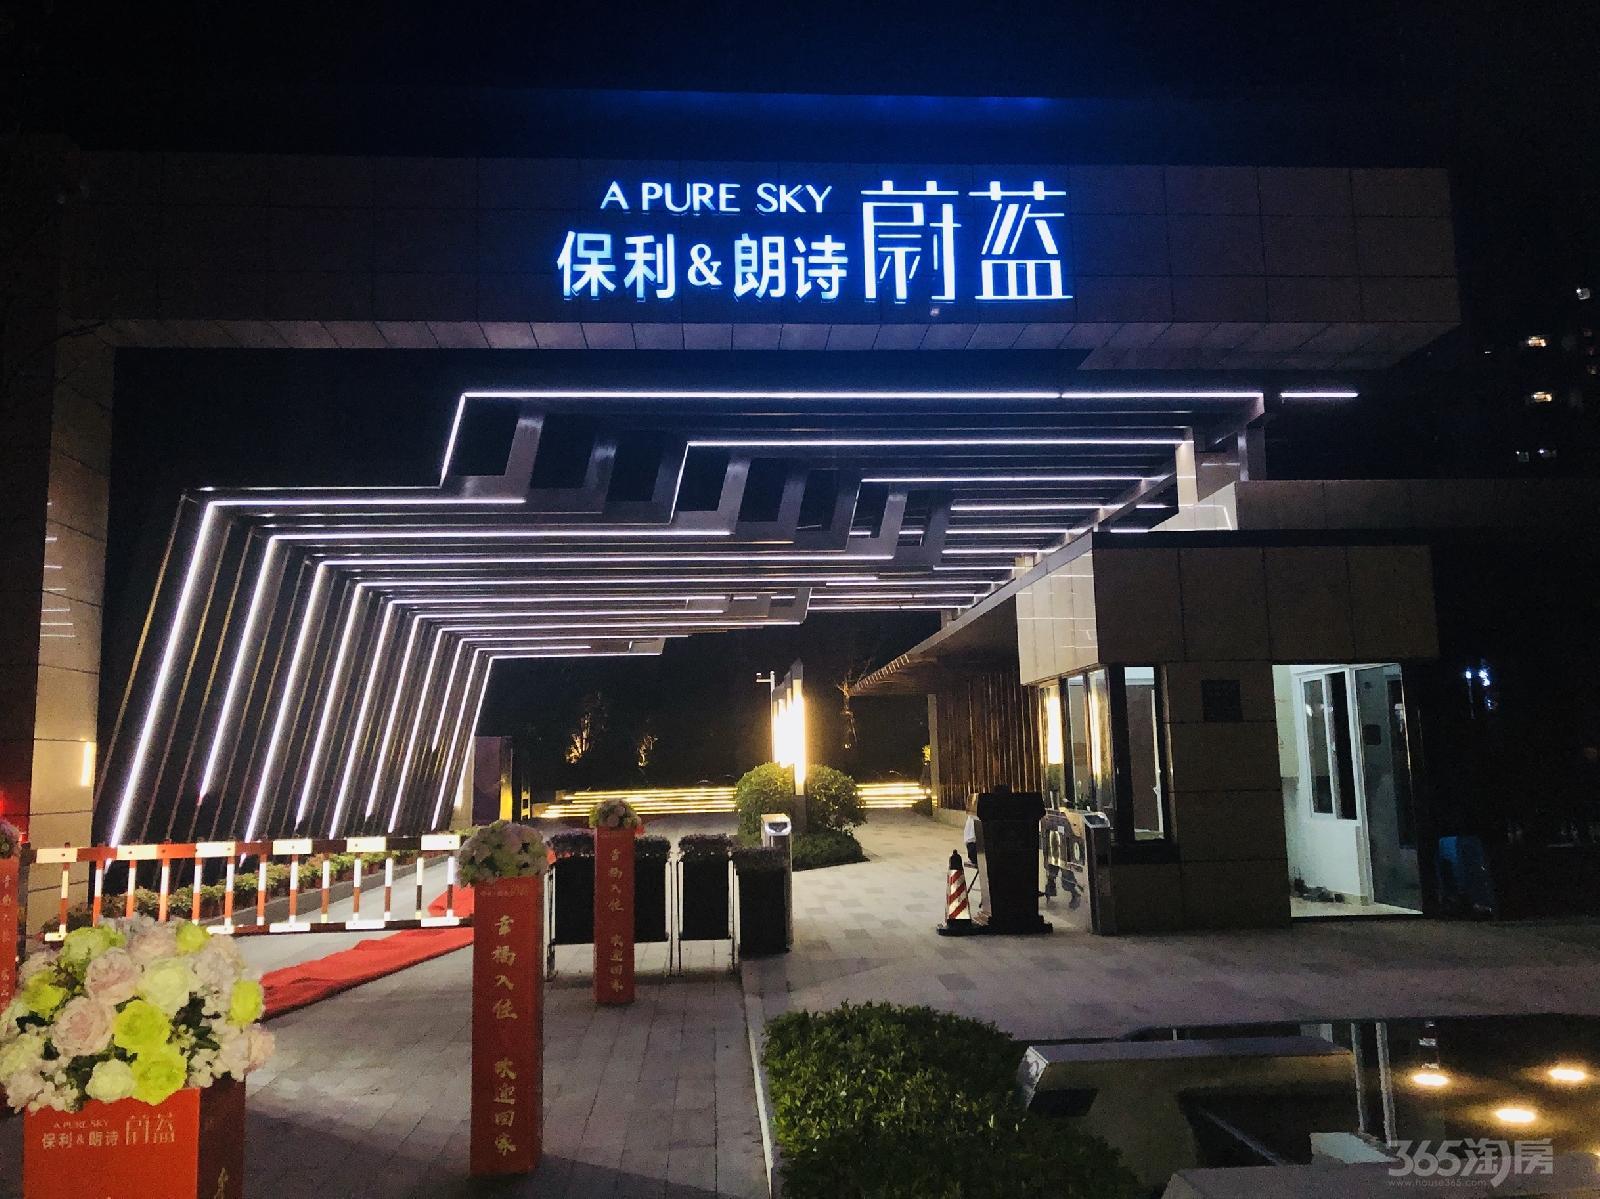 保利朗诗蔚蓝3室2厅2卫136平米豪华装产权房2018年建